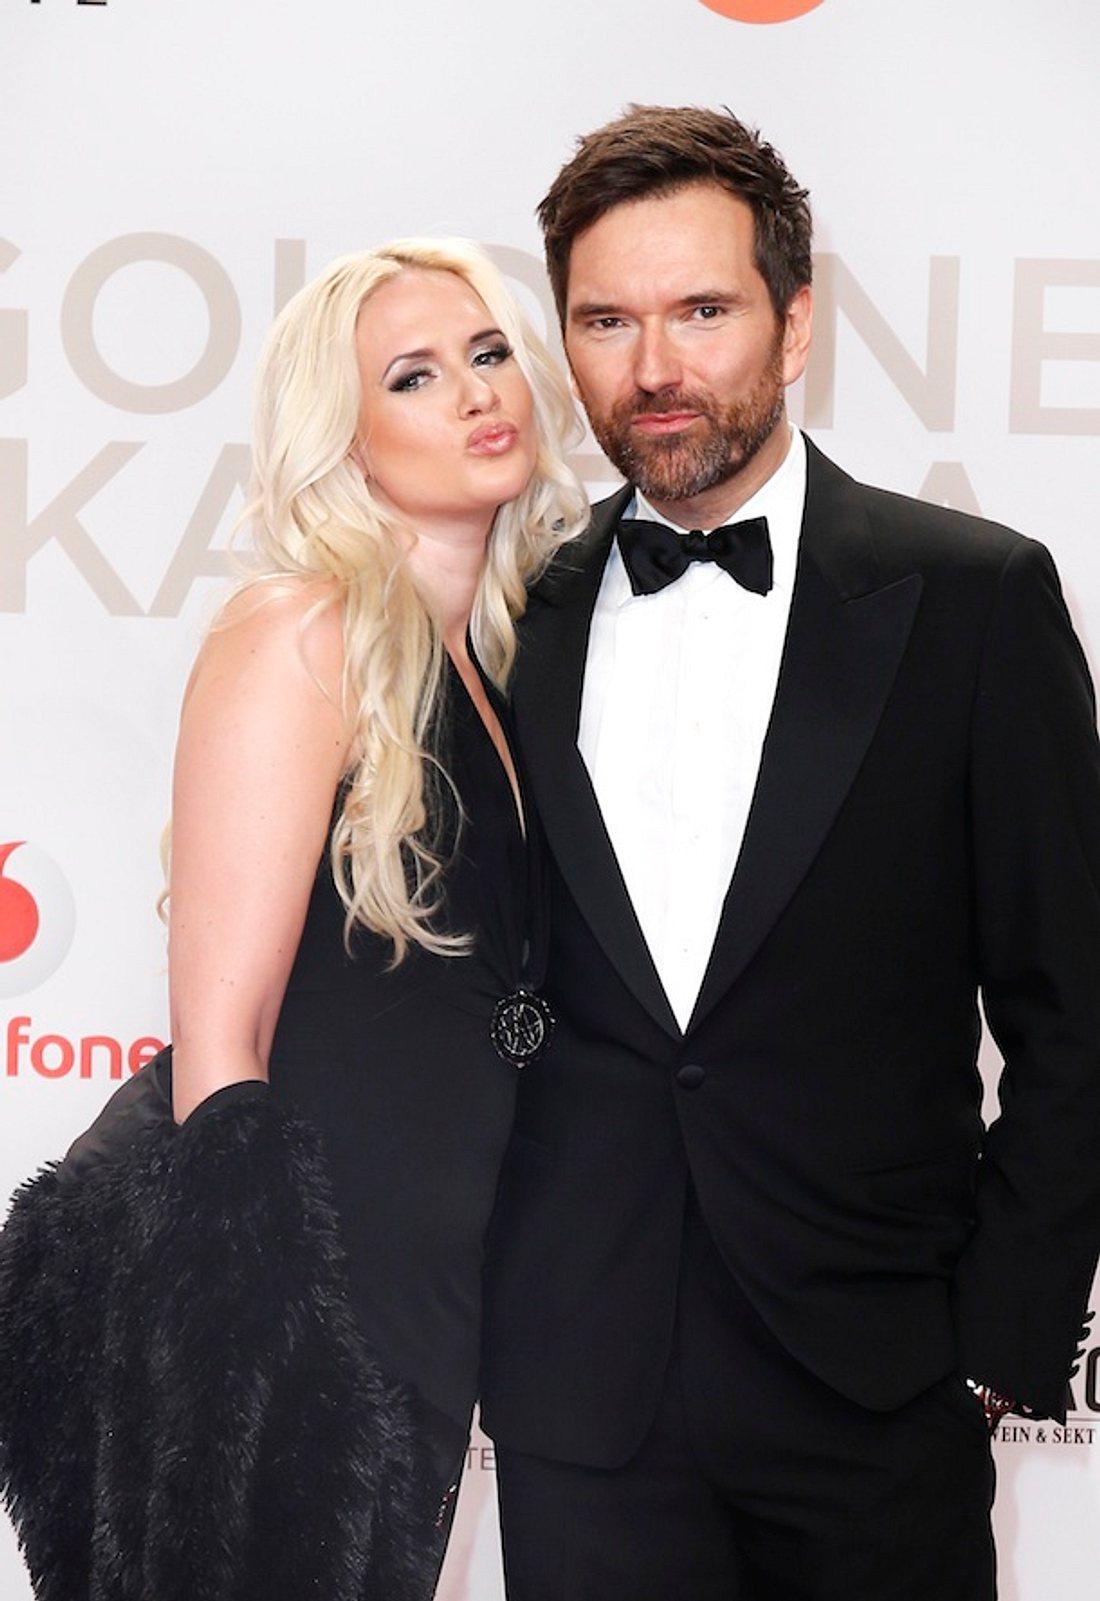 Sarah Knappik & Ingo Nommsen: Liebes-Outing auf dem Roten Teppich?